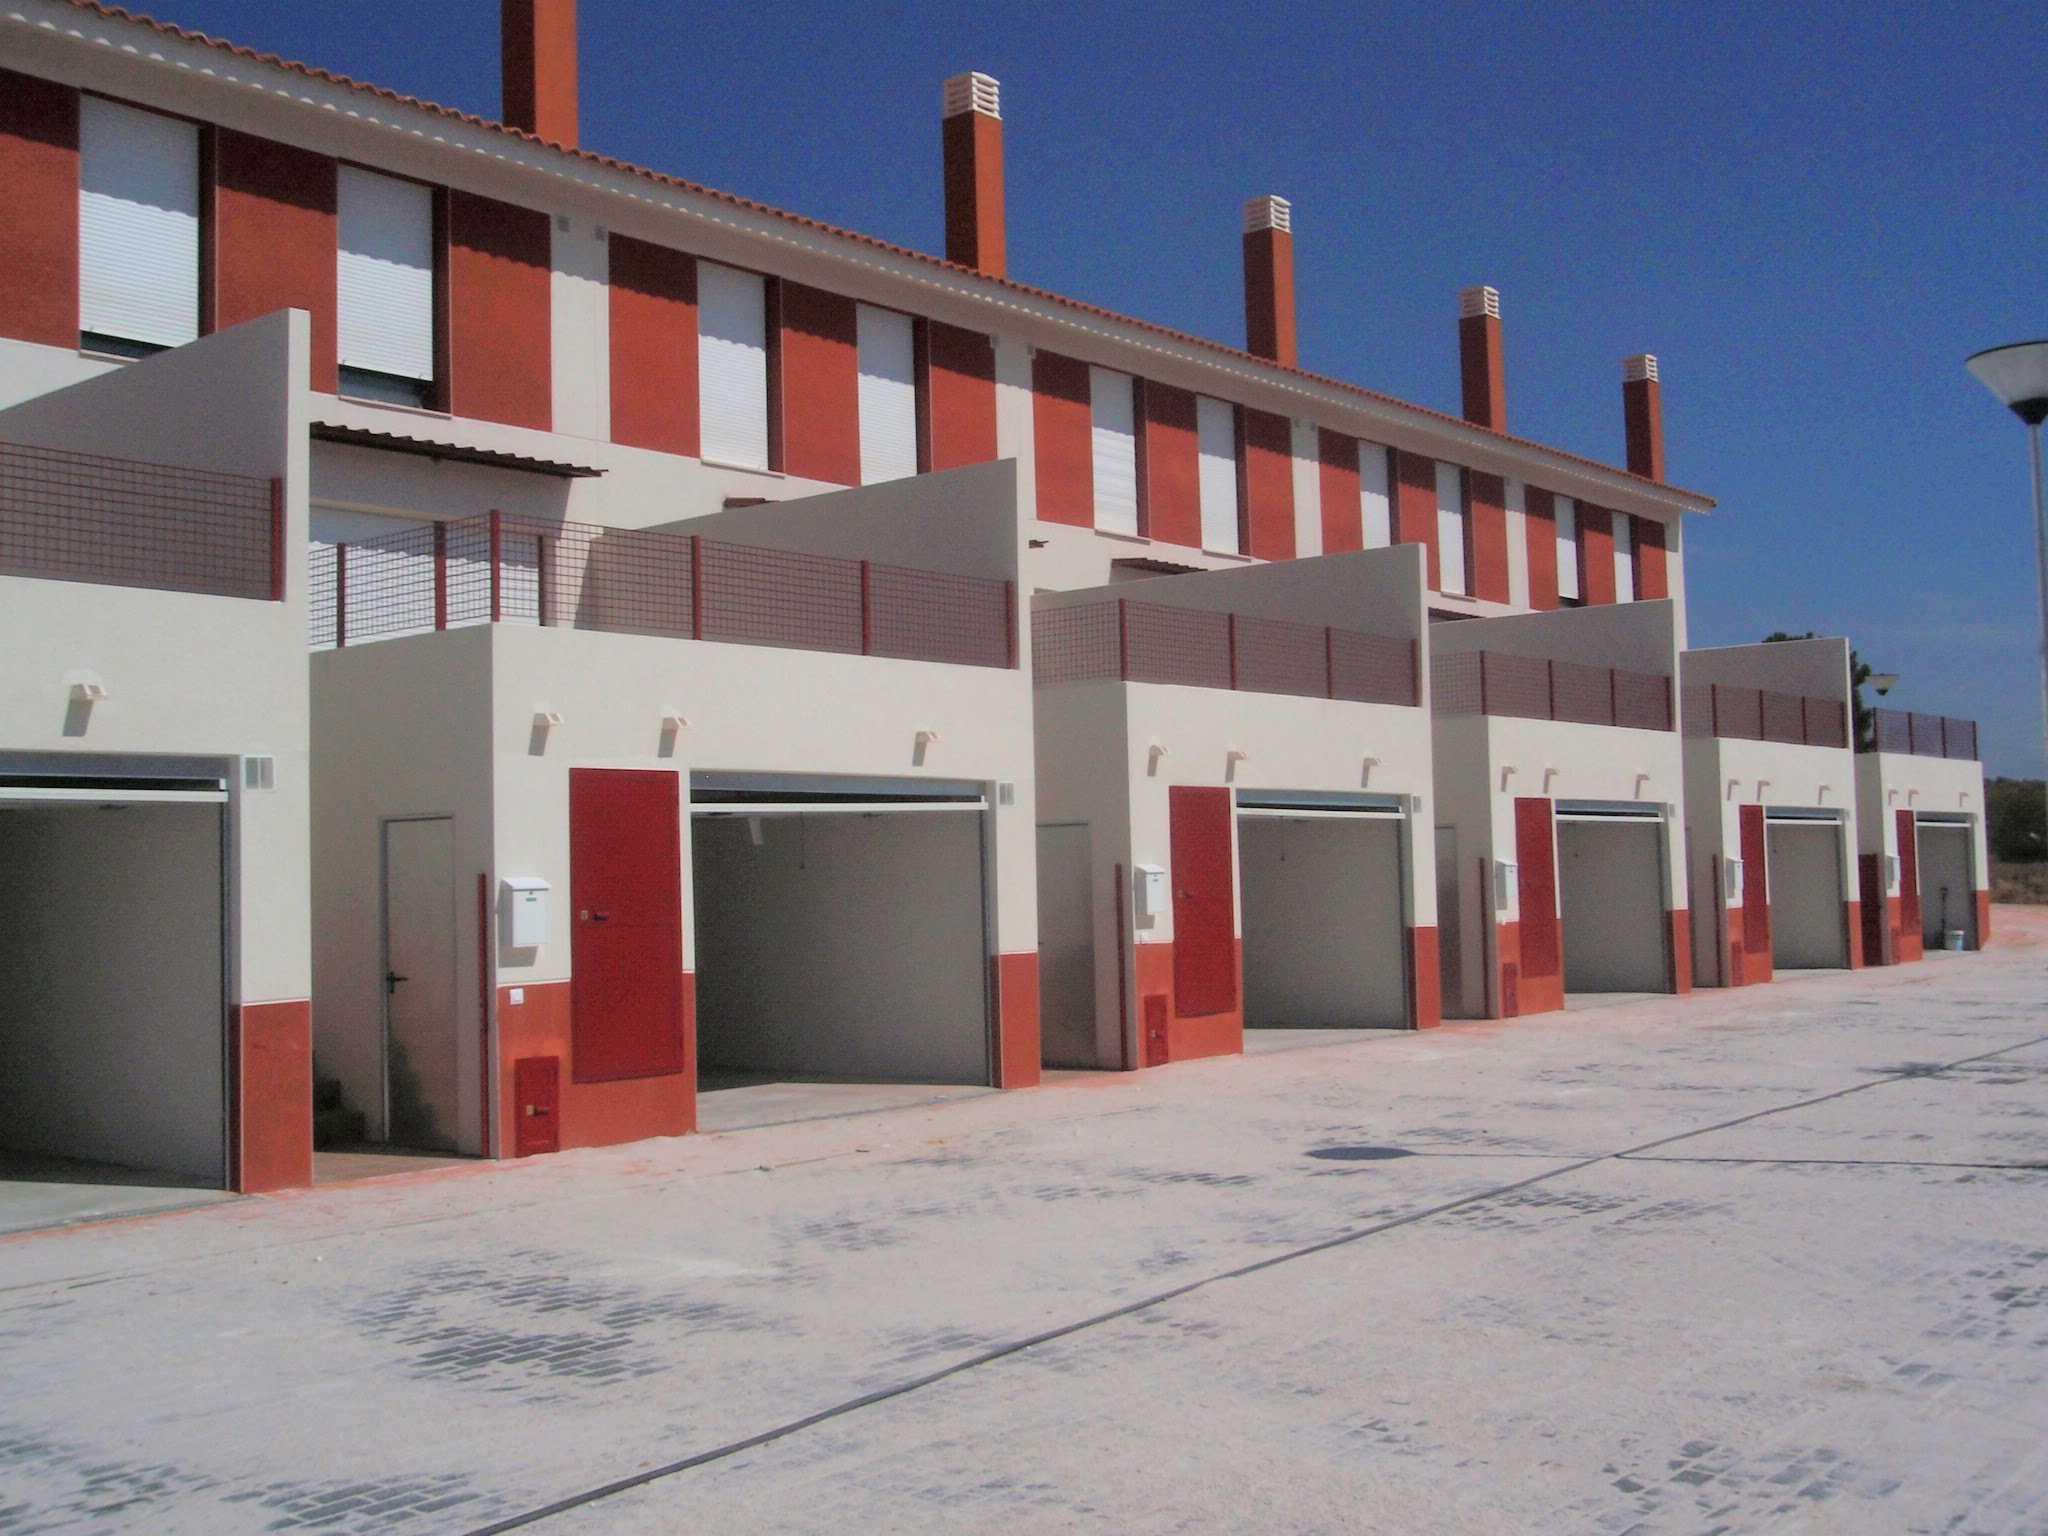 14 viviendas VPO (Régimen especial), Carretera de Camporrobles, s/n en Cardenete (Cuenca)</br></br> 2008</br></br><h4>Cliente: GICAMAN (Gestión de Infraestructuras de Castilla-La Mancha S.A.)</h4>